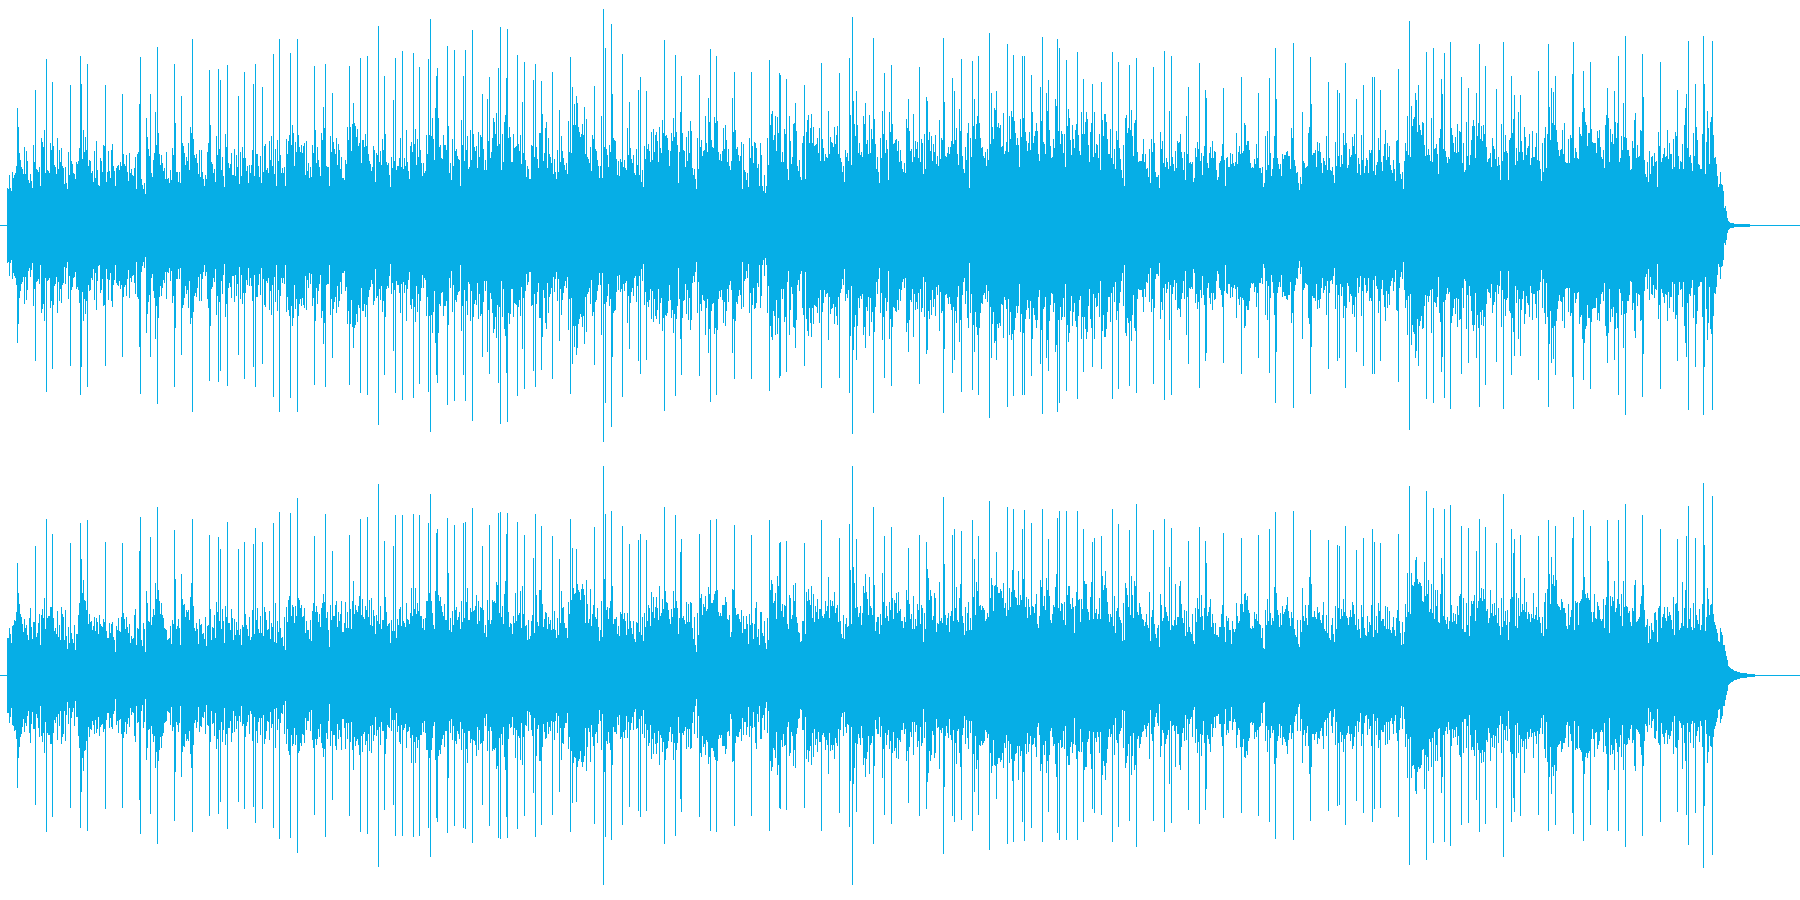 寒い冬をイメージした曲の再生済みの波形